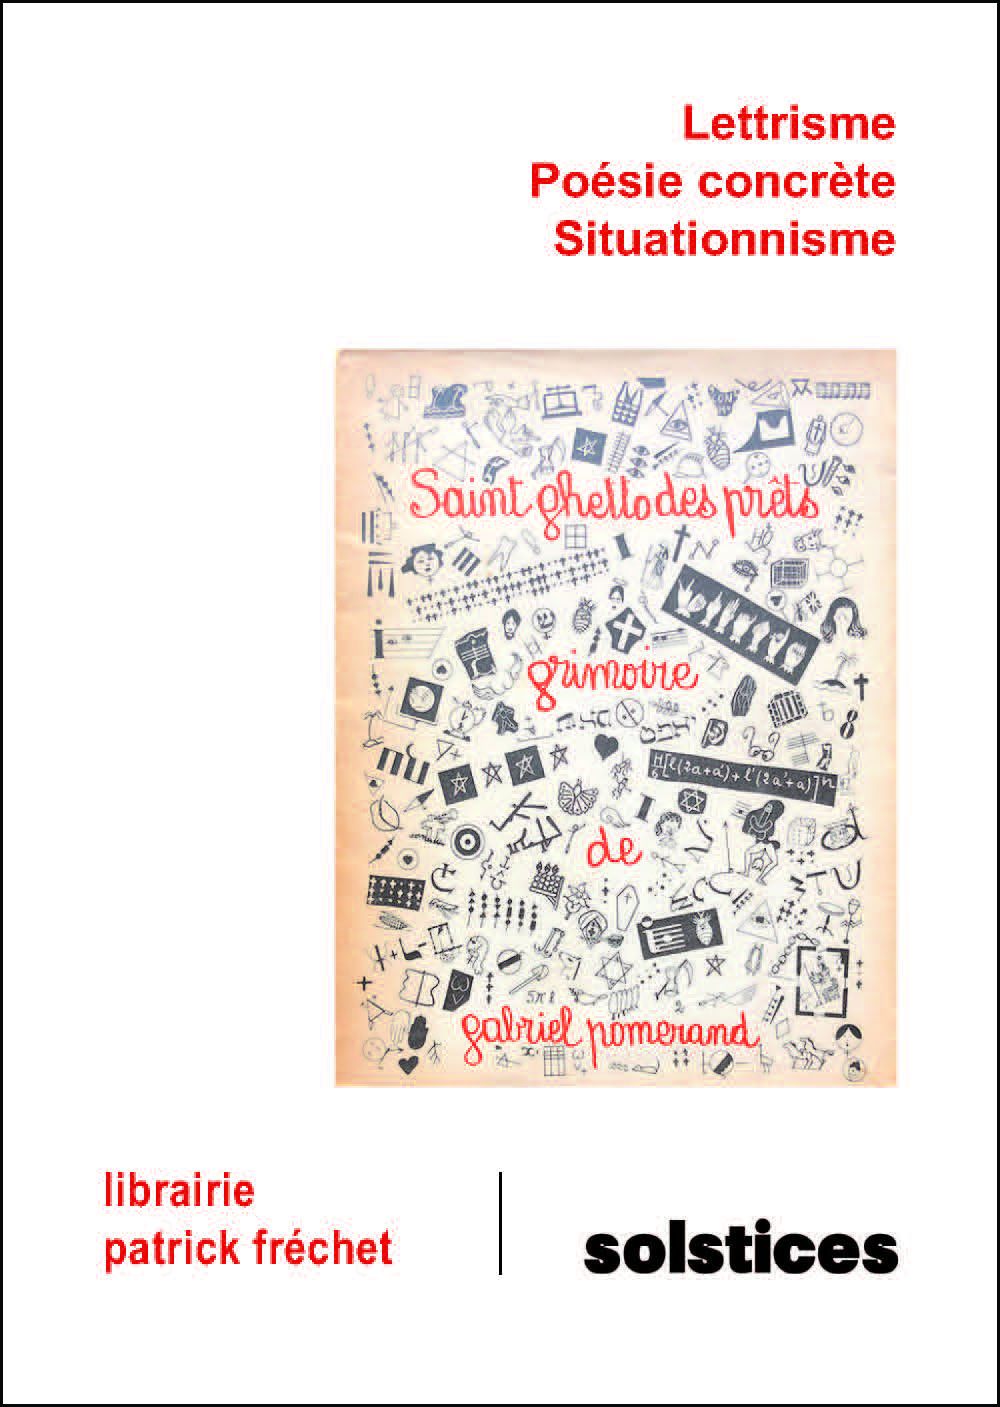 Lettrisme, Poésie concrète, Situationnisme